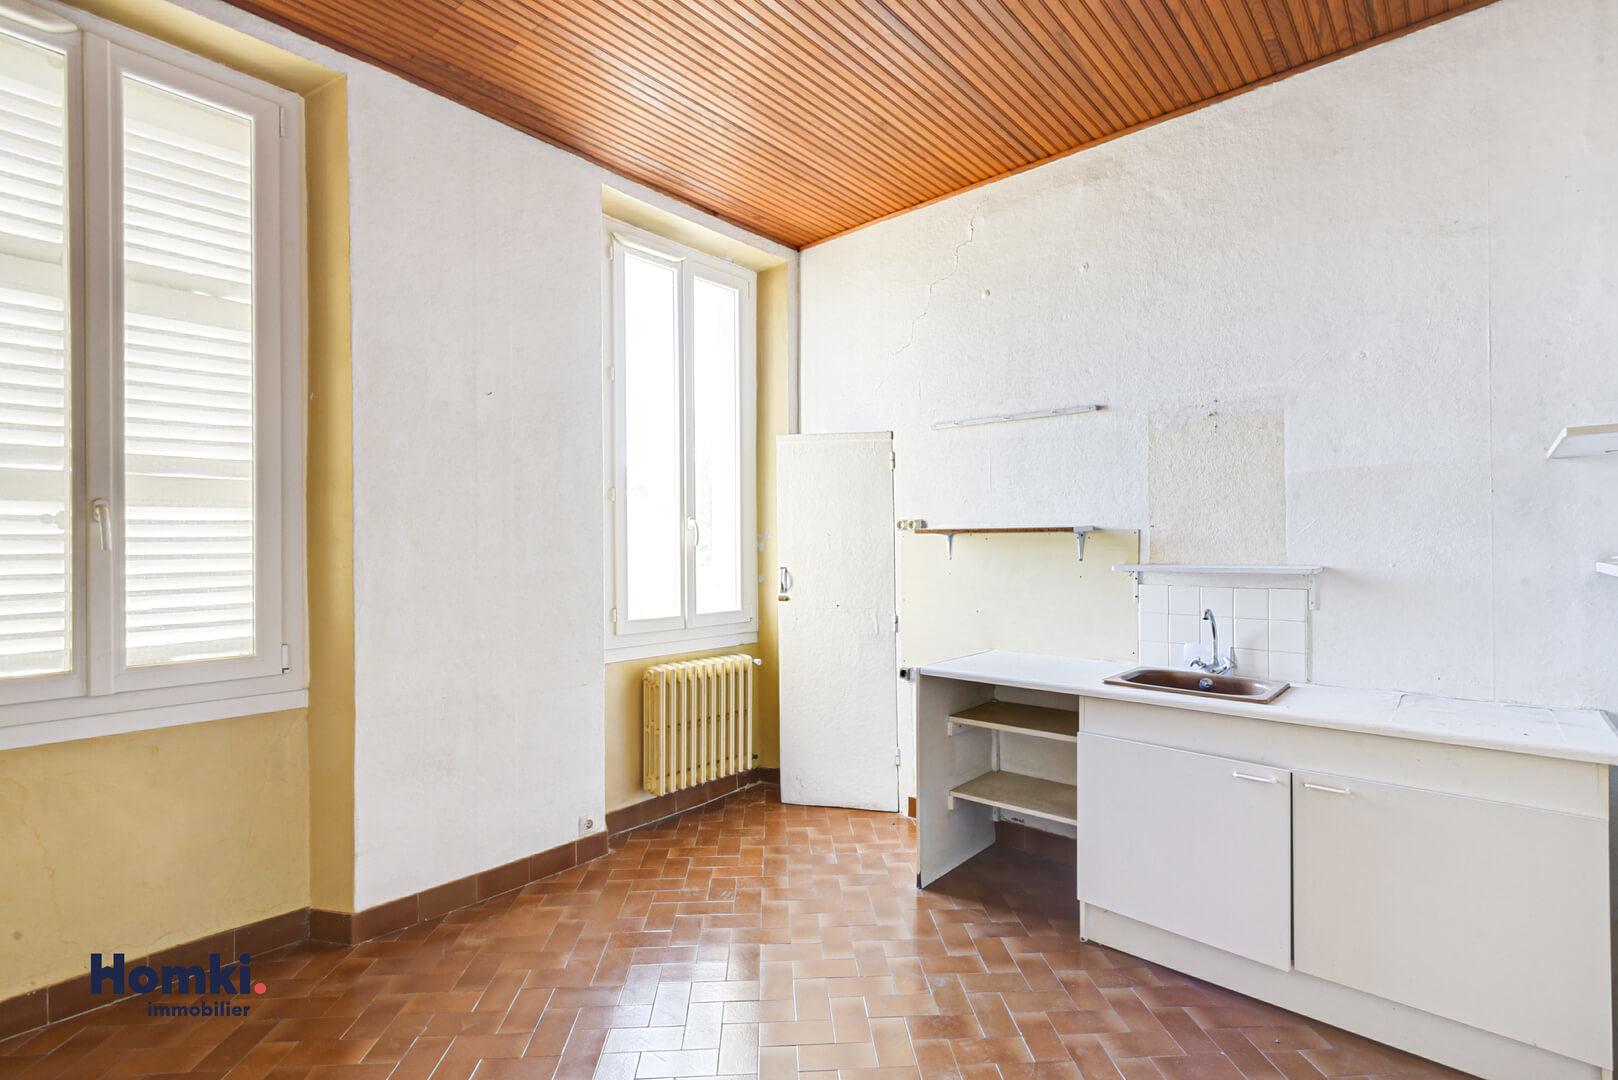 Vente Maison 100 m² T5 13012 Marseille_7